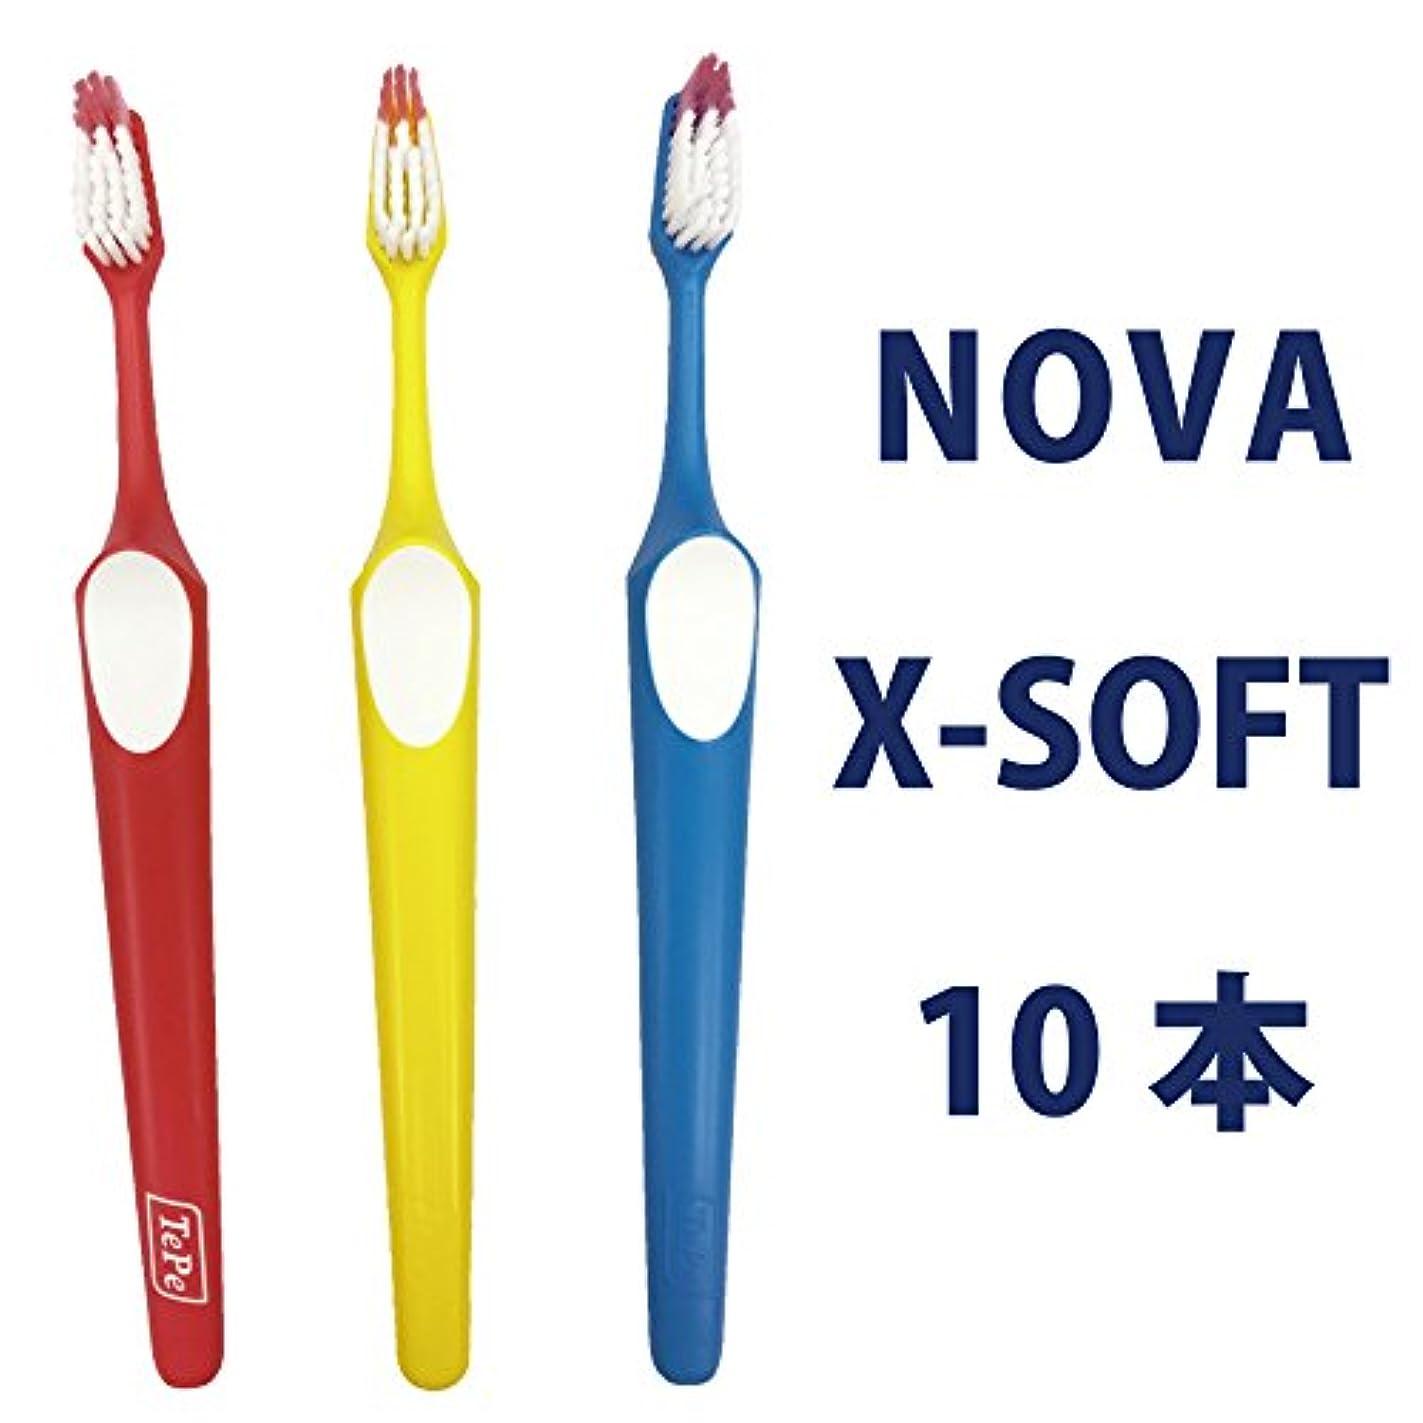 織る船形シャークテペ ノバ エキストラソフト(極やわらかめ)奥歯がみがきやすい 10本 NEWカラー